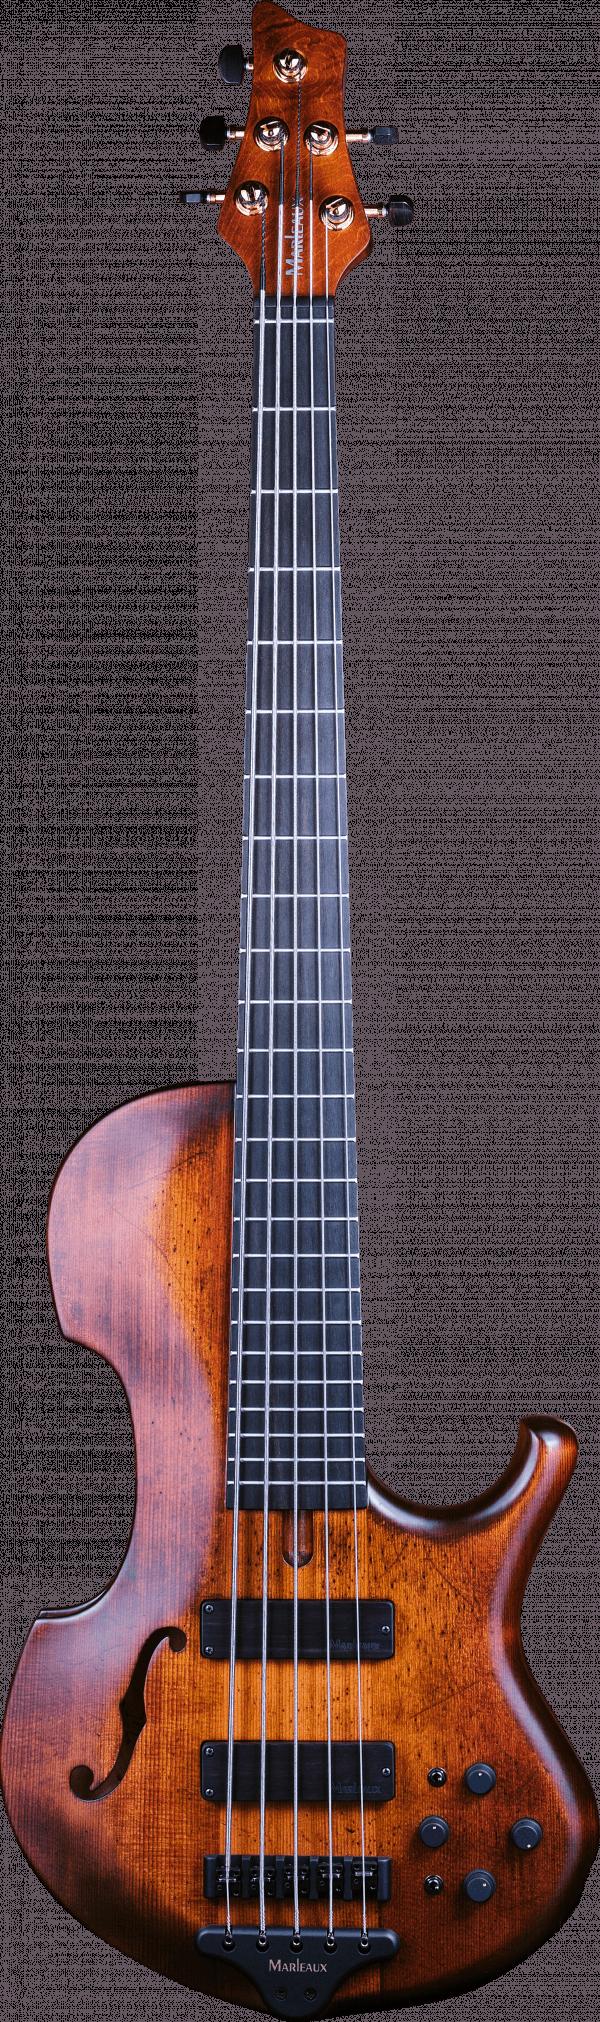 Marleaux Contra 5 Old Violin Color